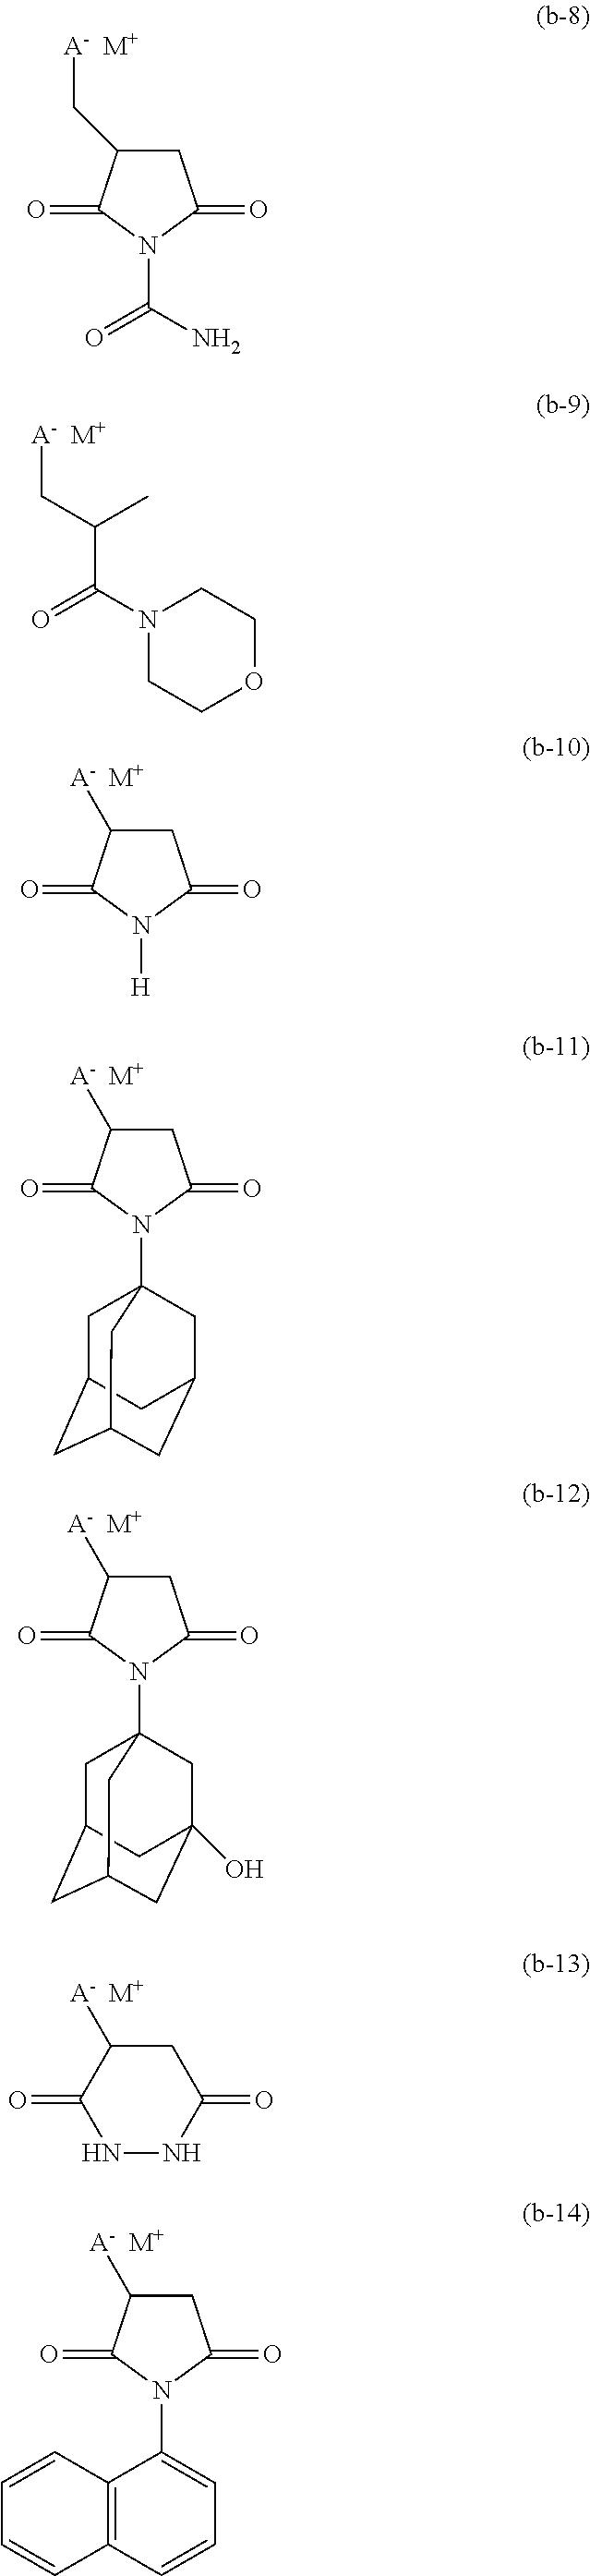 Figure US09477149-20161025-C00020